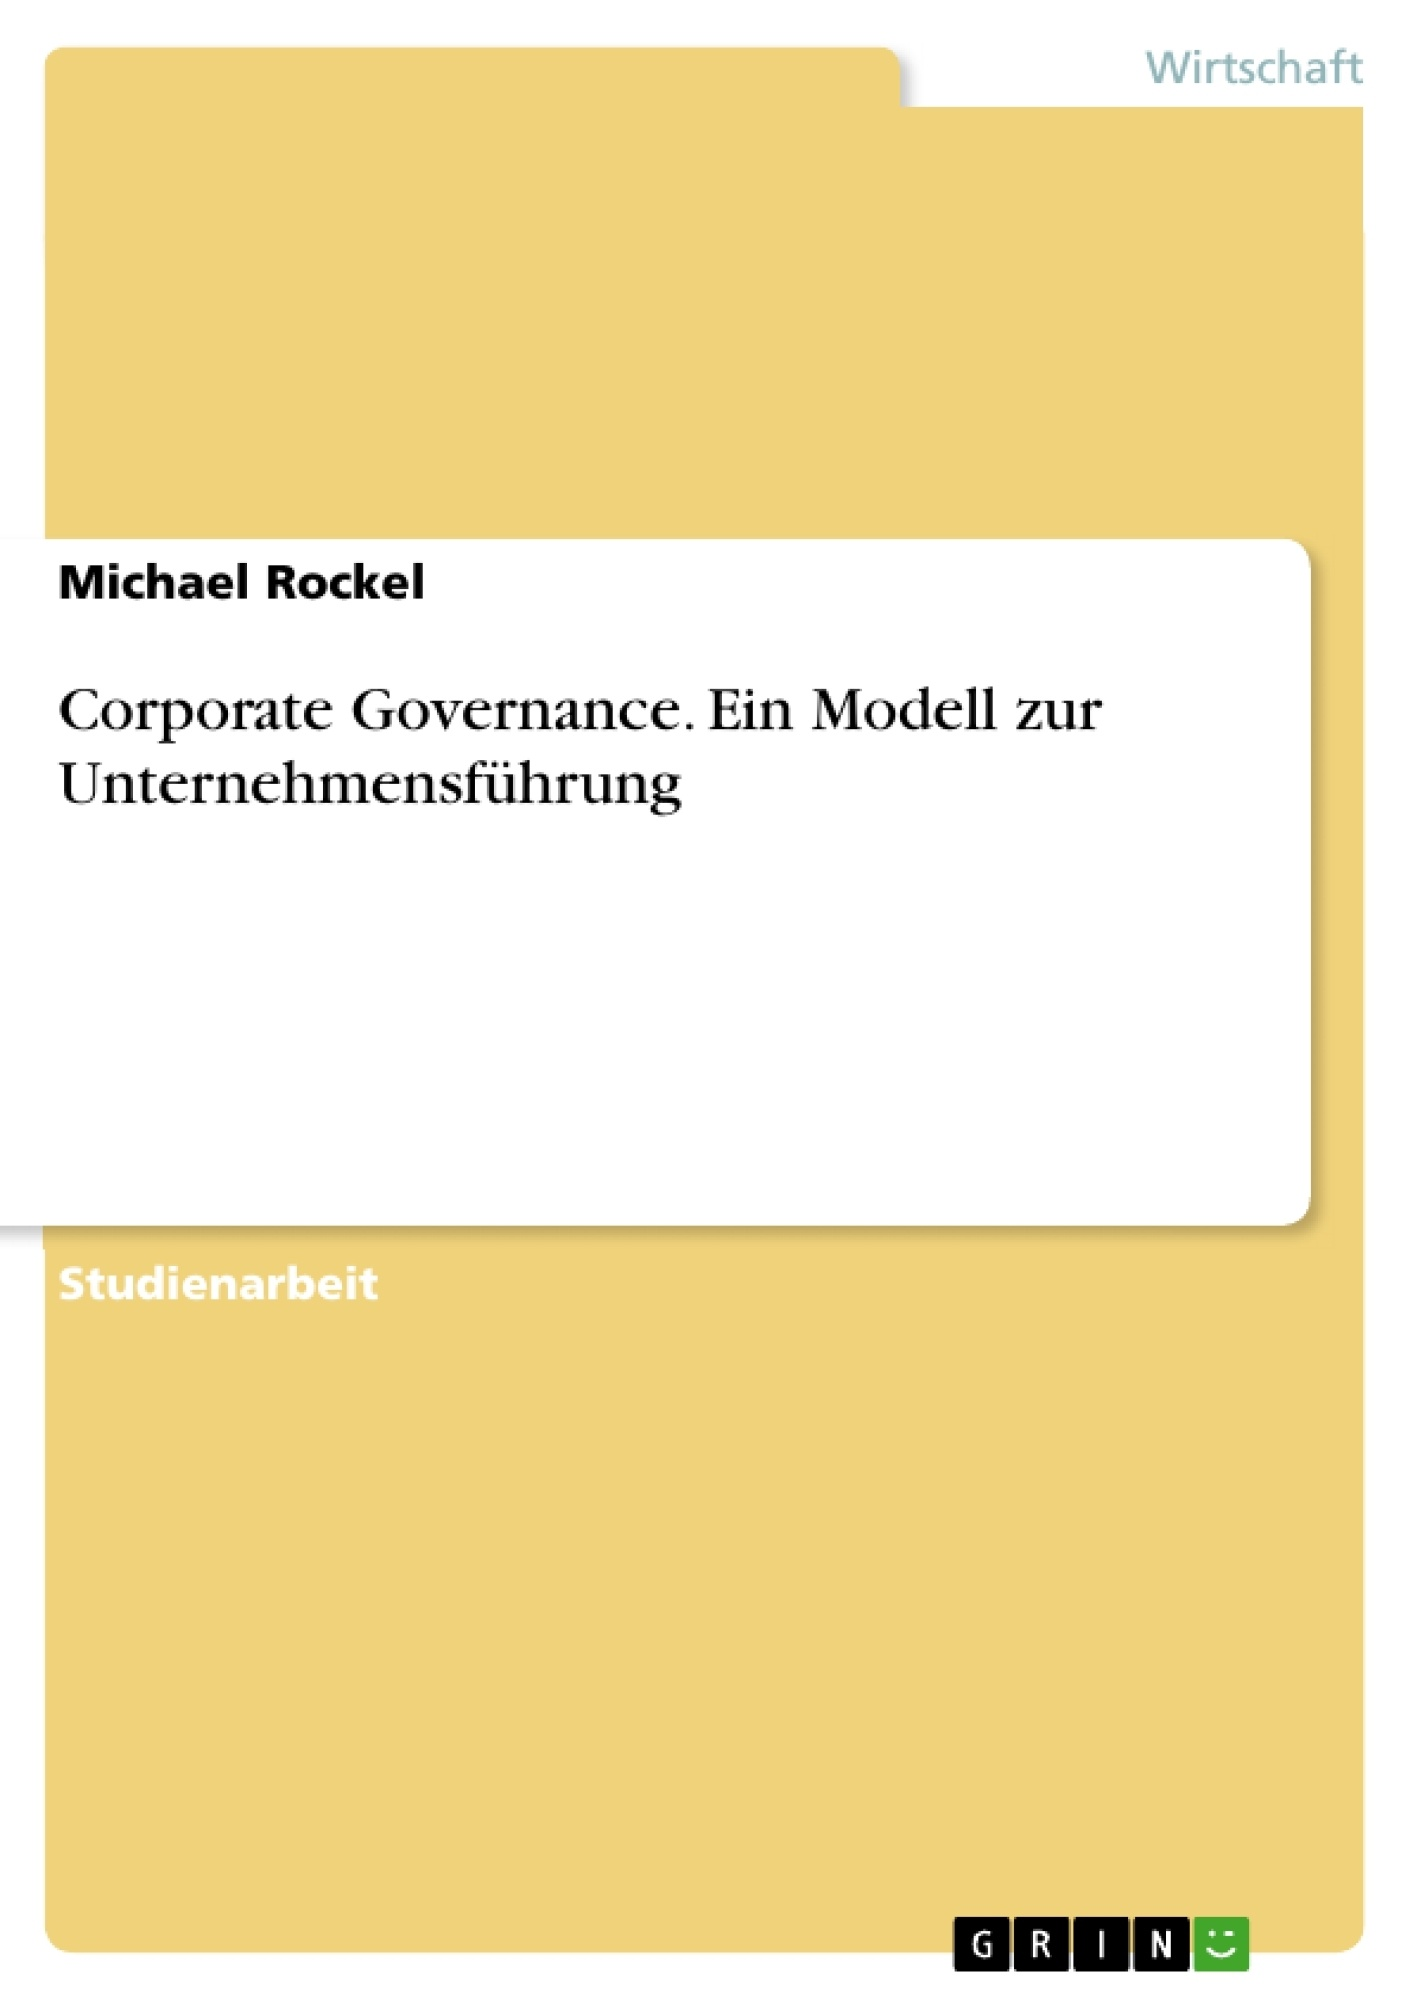 Titel: Corporate Governance. Ein Modell zur Unternehmensführung